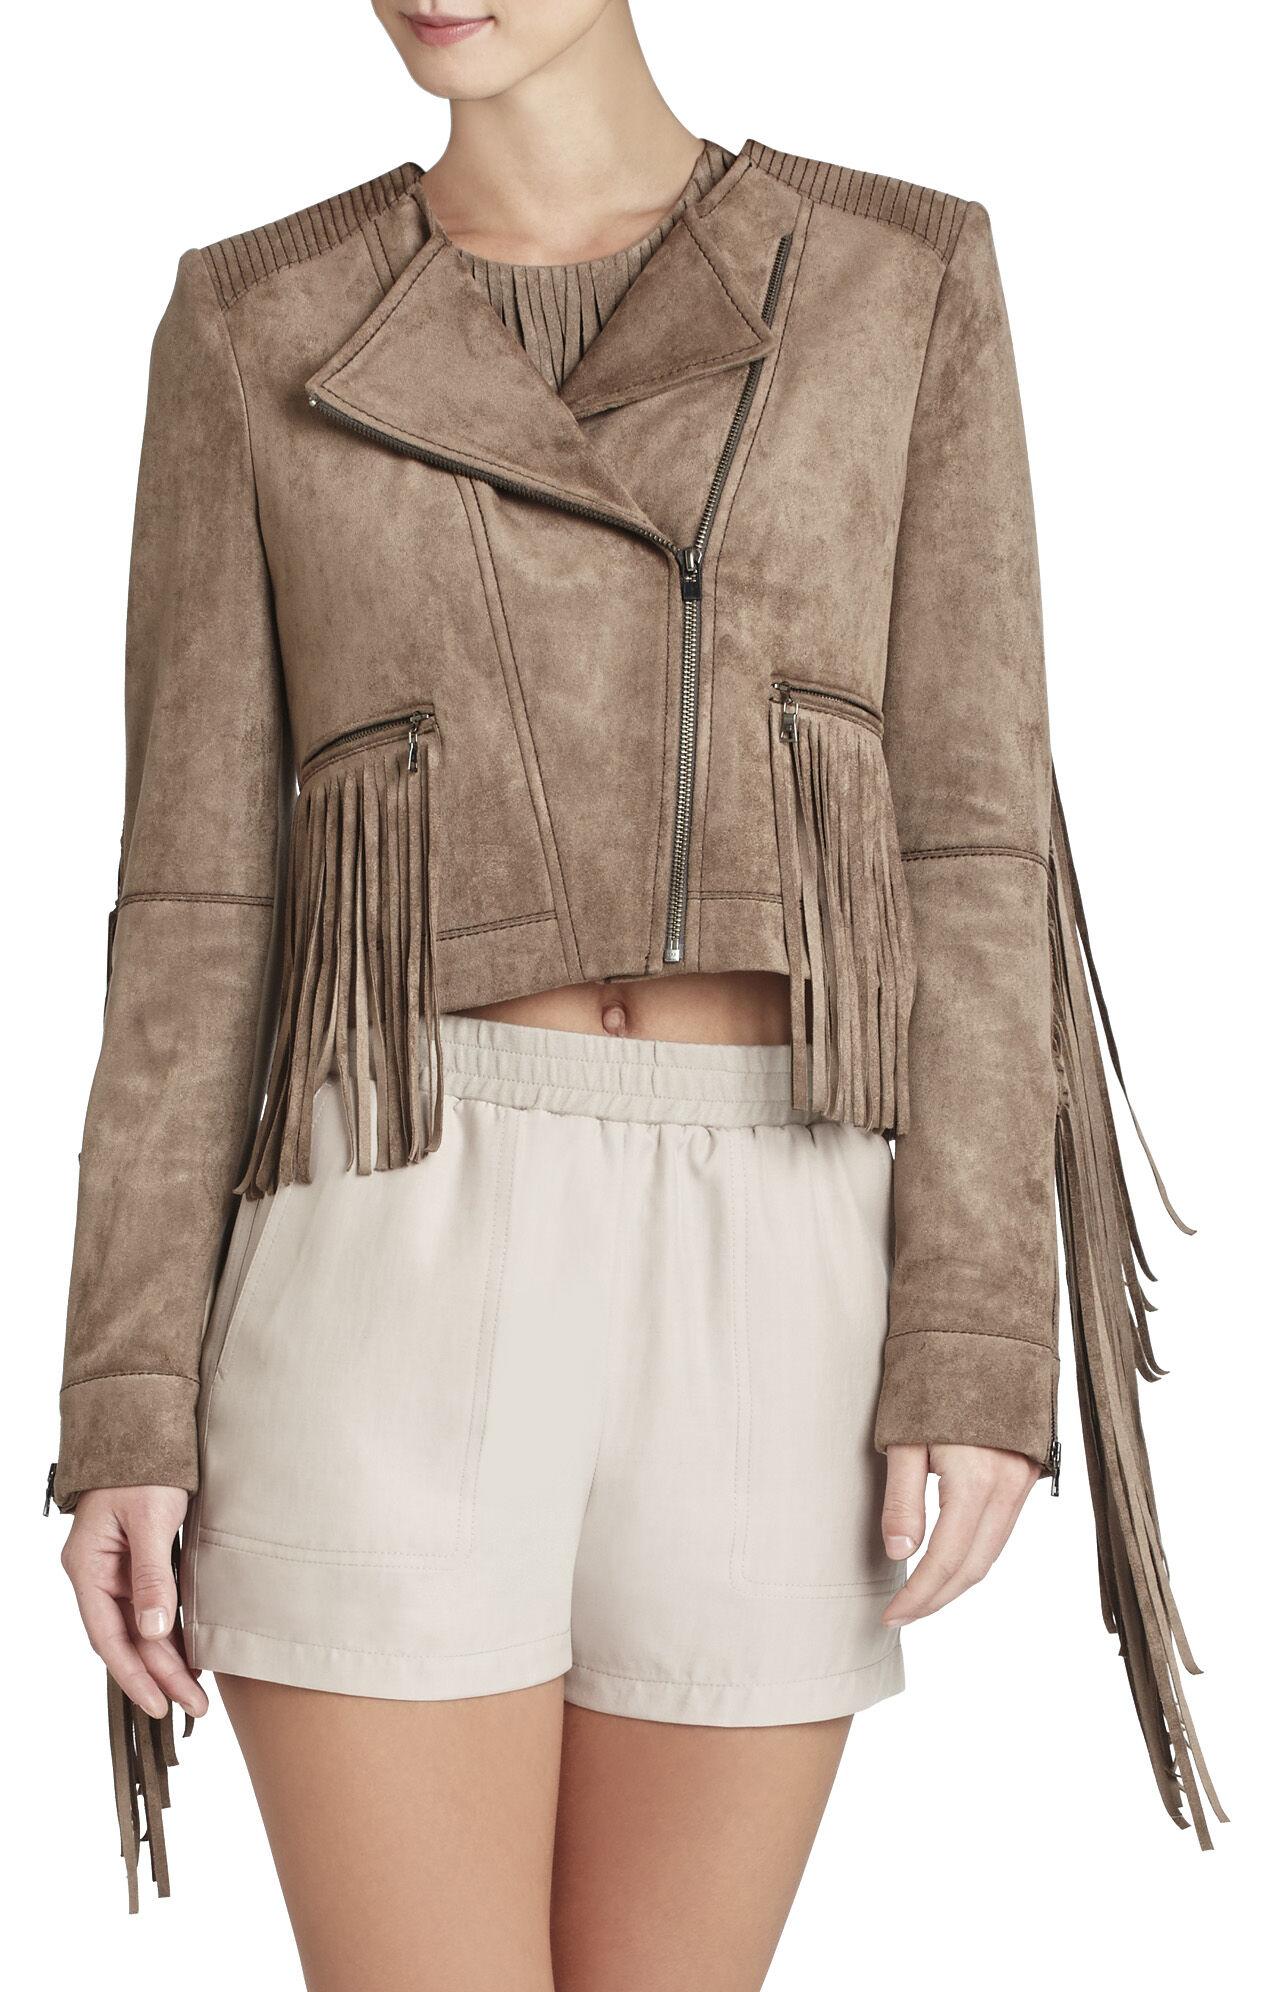 Brylee Fringe Jacket